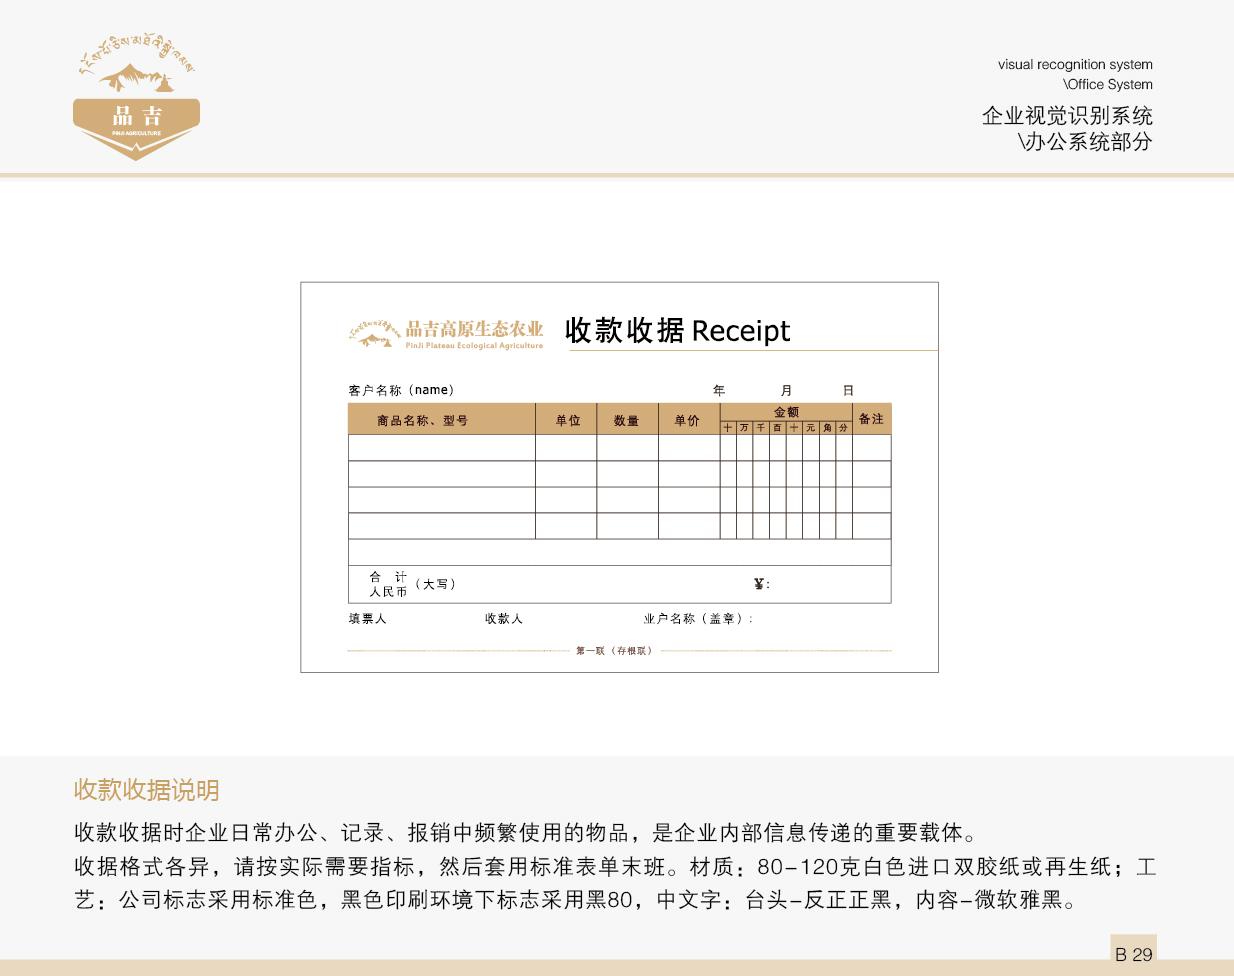 品吉农业VI 办公系统部分  客户资料  第30张